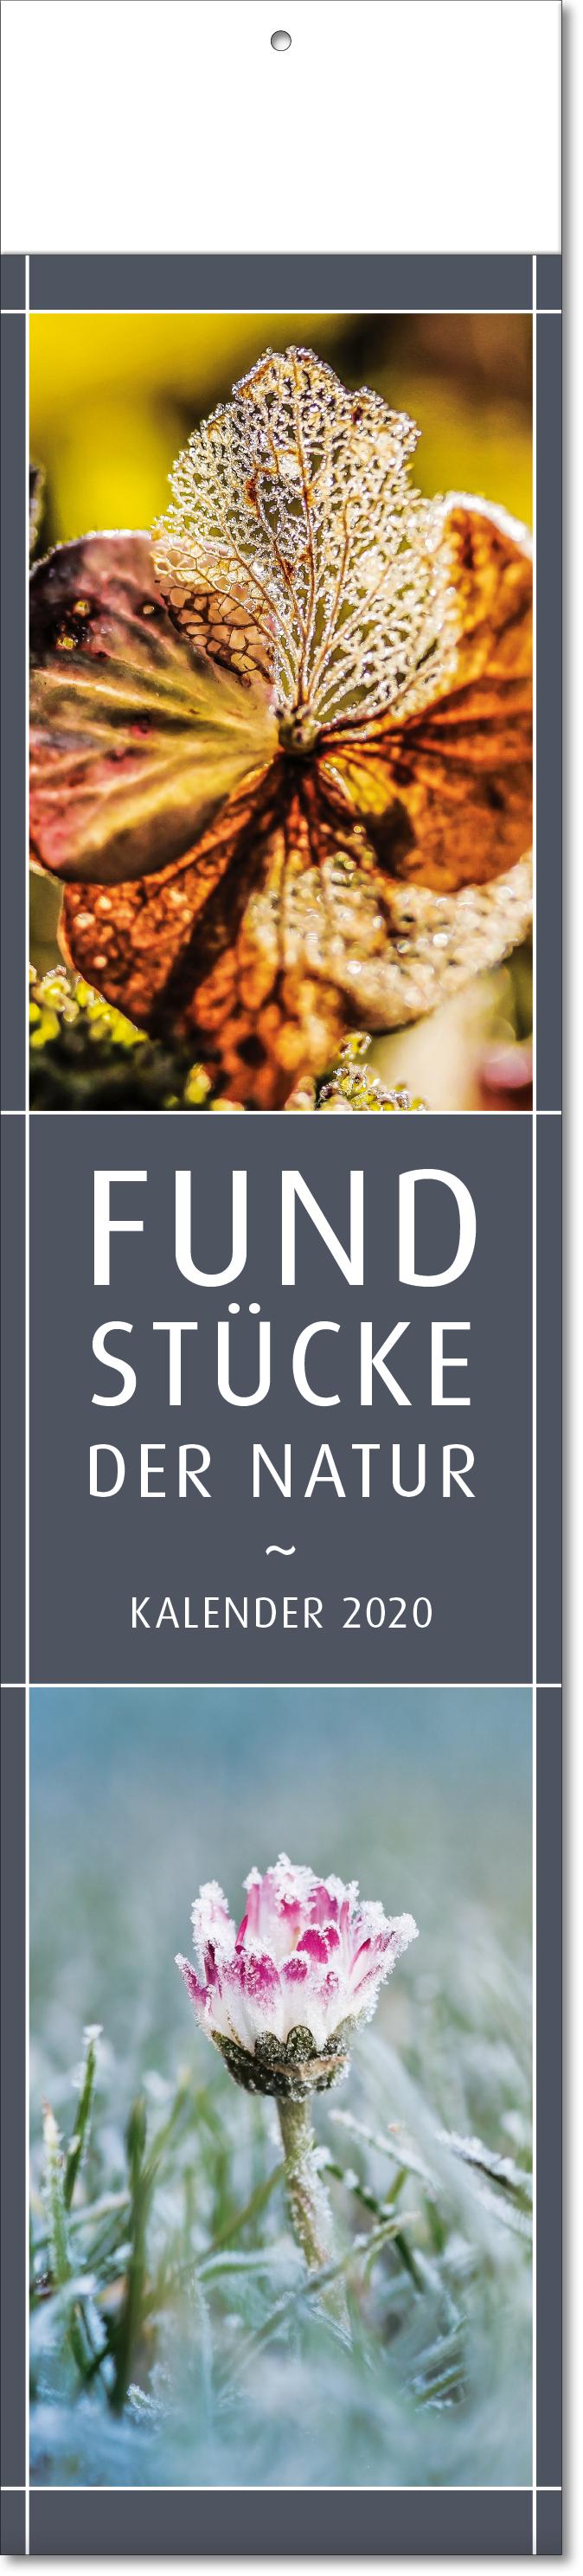 """Bild- Streifenkalender """"Fundstücke der Natur"""" 2019"""